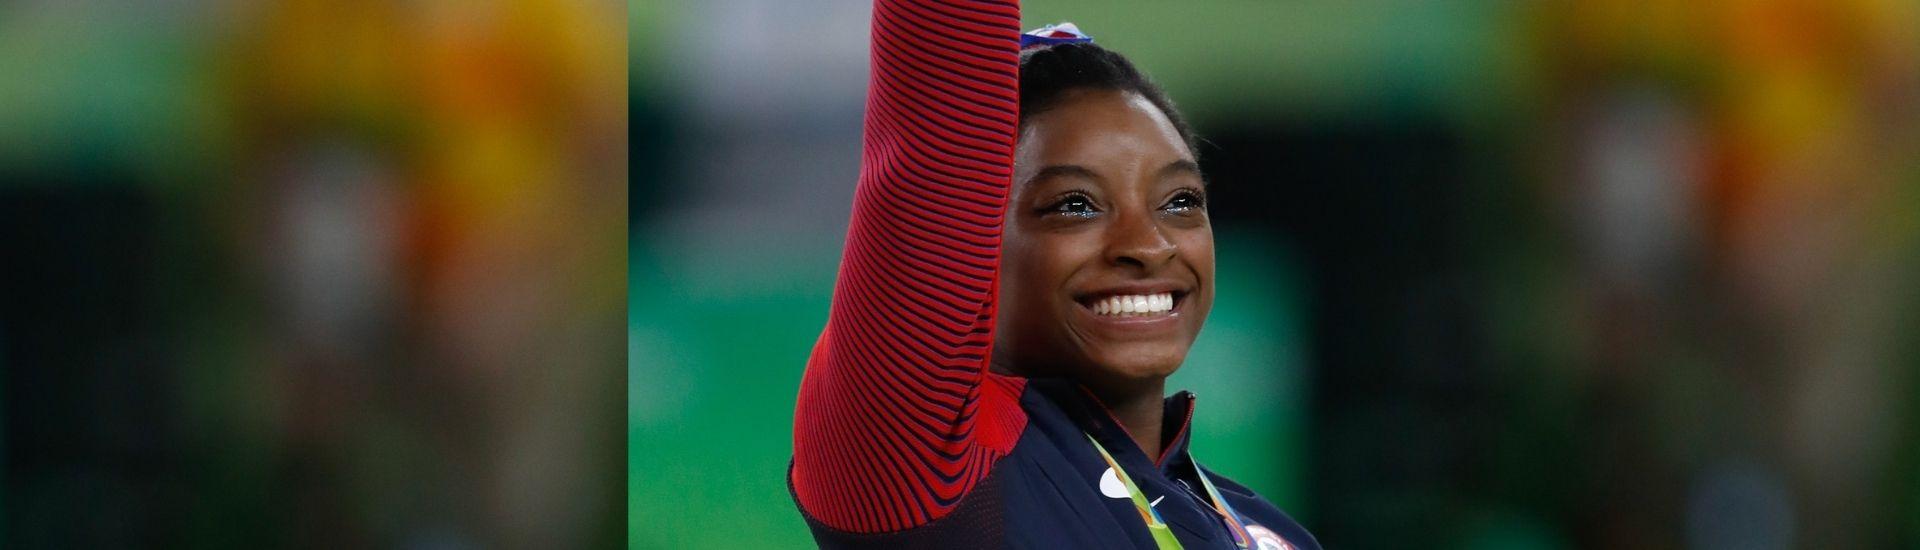 Fotografía donde se ve el rostro sonriente de la gimnasta estadounidense Simon Biles durante los Juegos Olímpicos de Río de Janeiro 2016